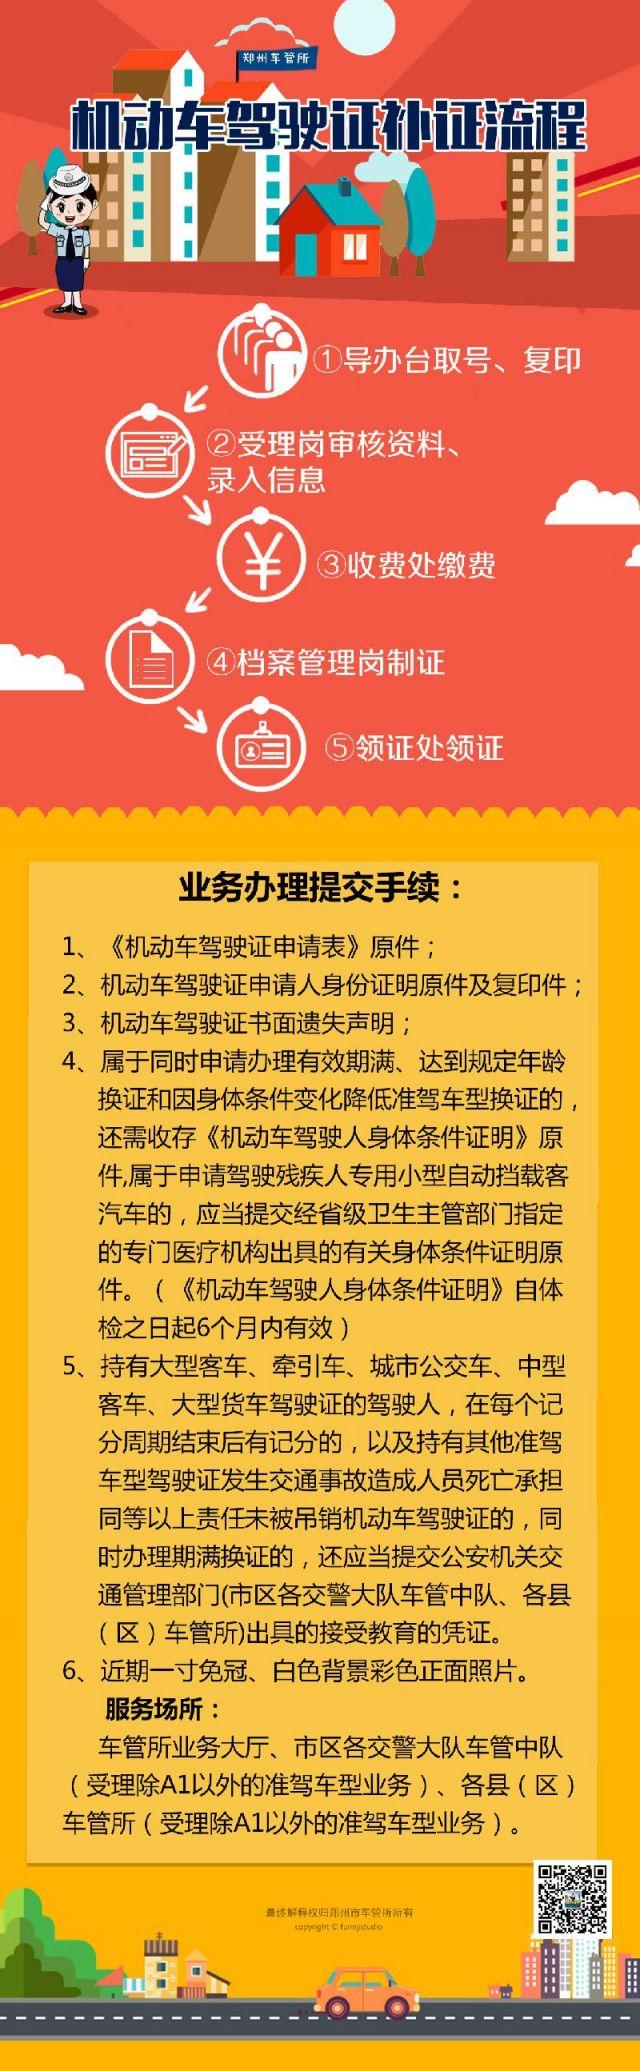 郑州驾驶证补办材料及流程一览